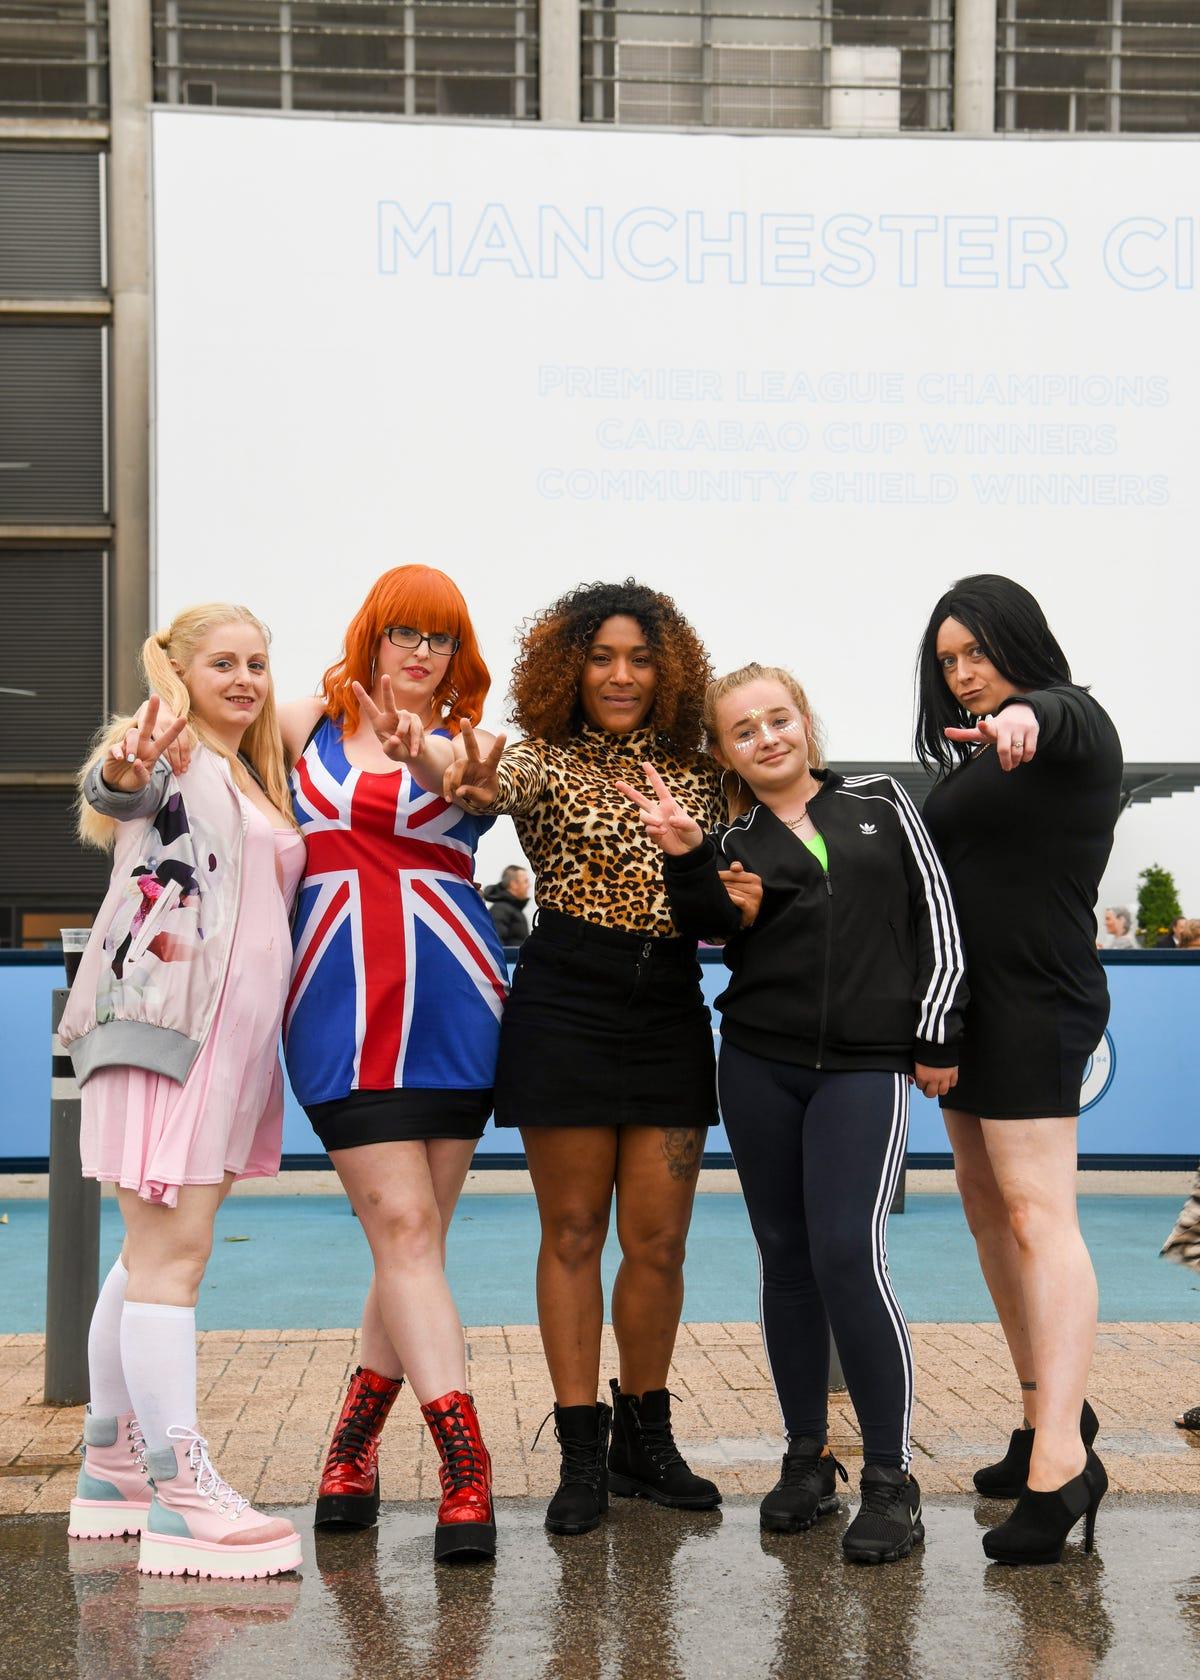 7d5756c26343 Spice Girls World Tour 2019 Manchester Fans